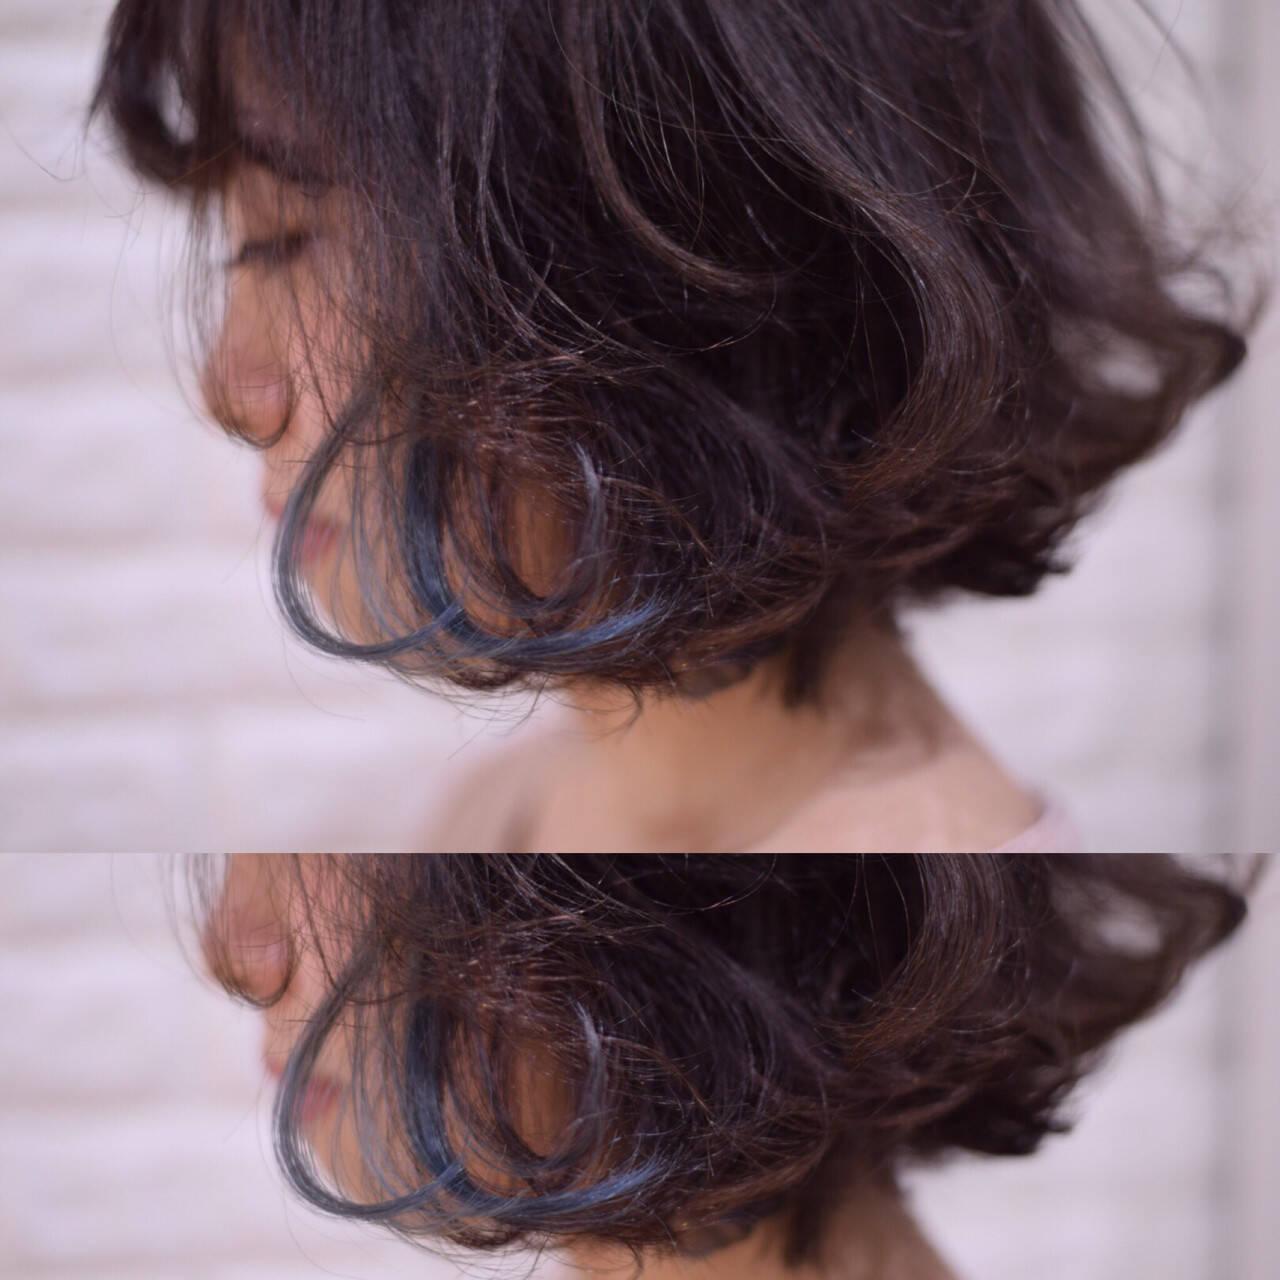 アンニュイほつれヘア デート ヘアアレンジ ボブヘアスタイルや髪型の写真・画像